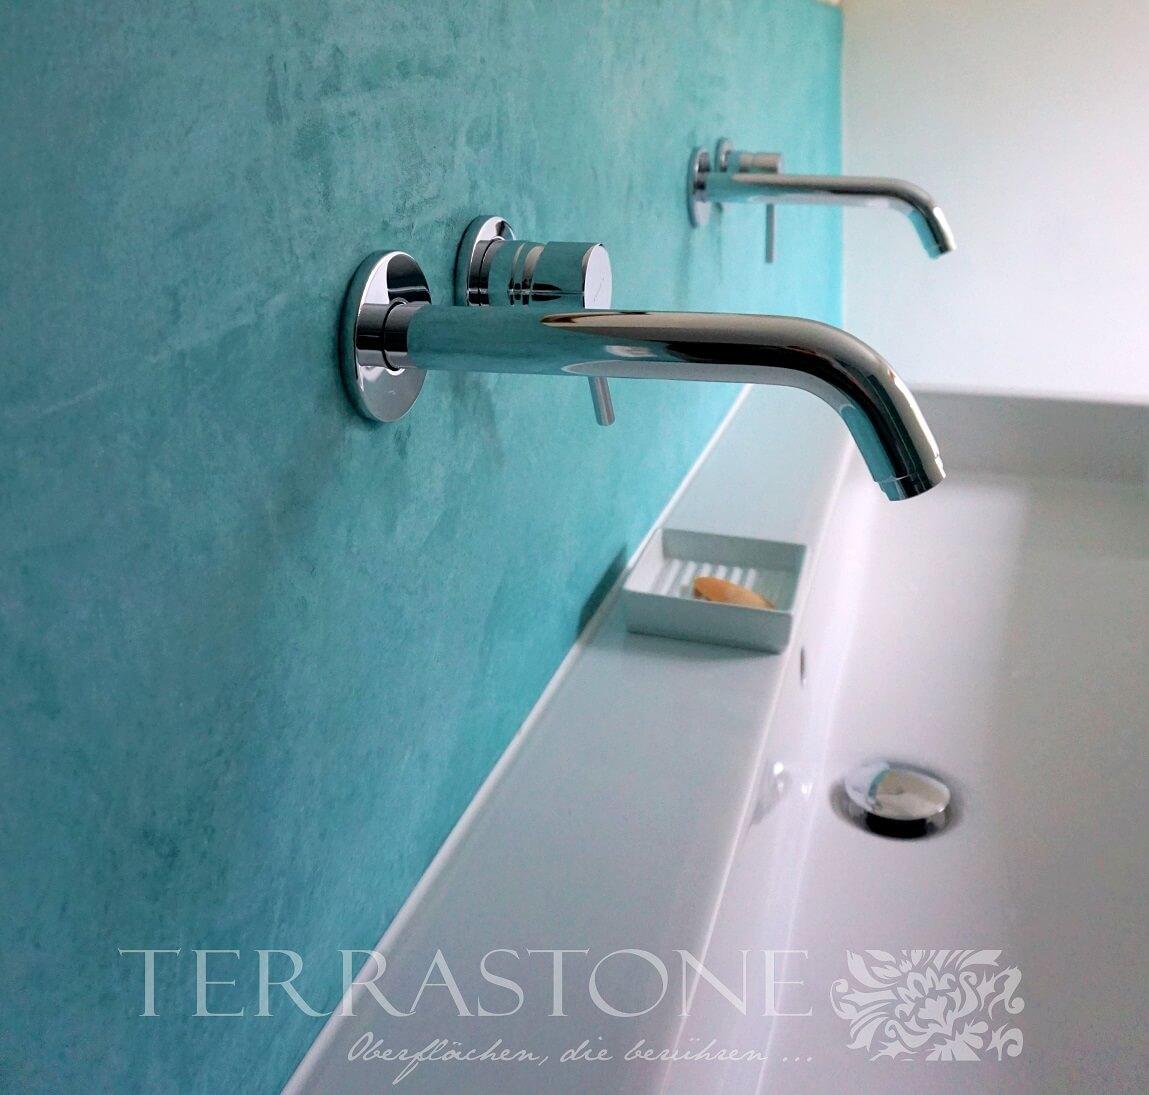 terrastone12